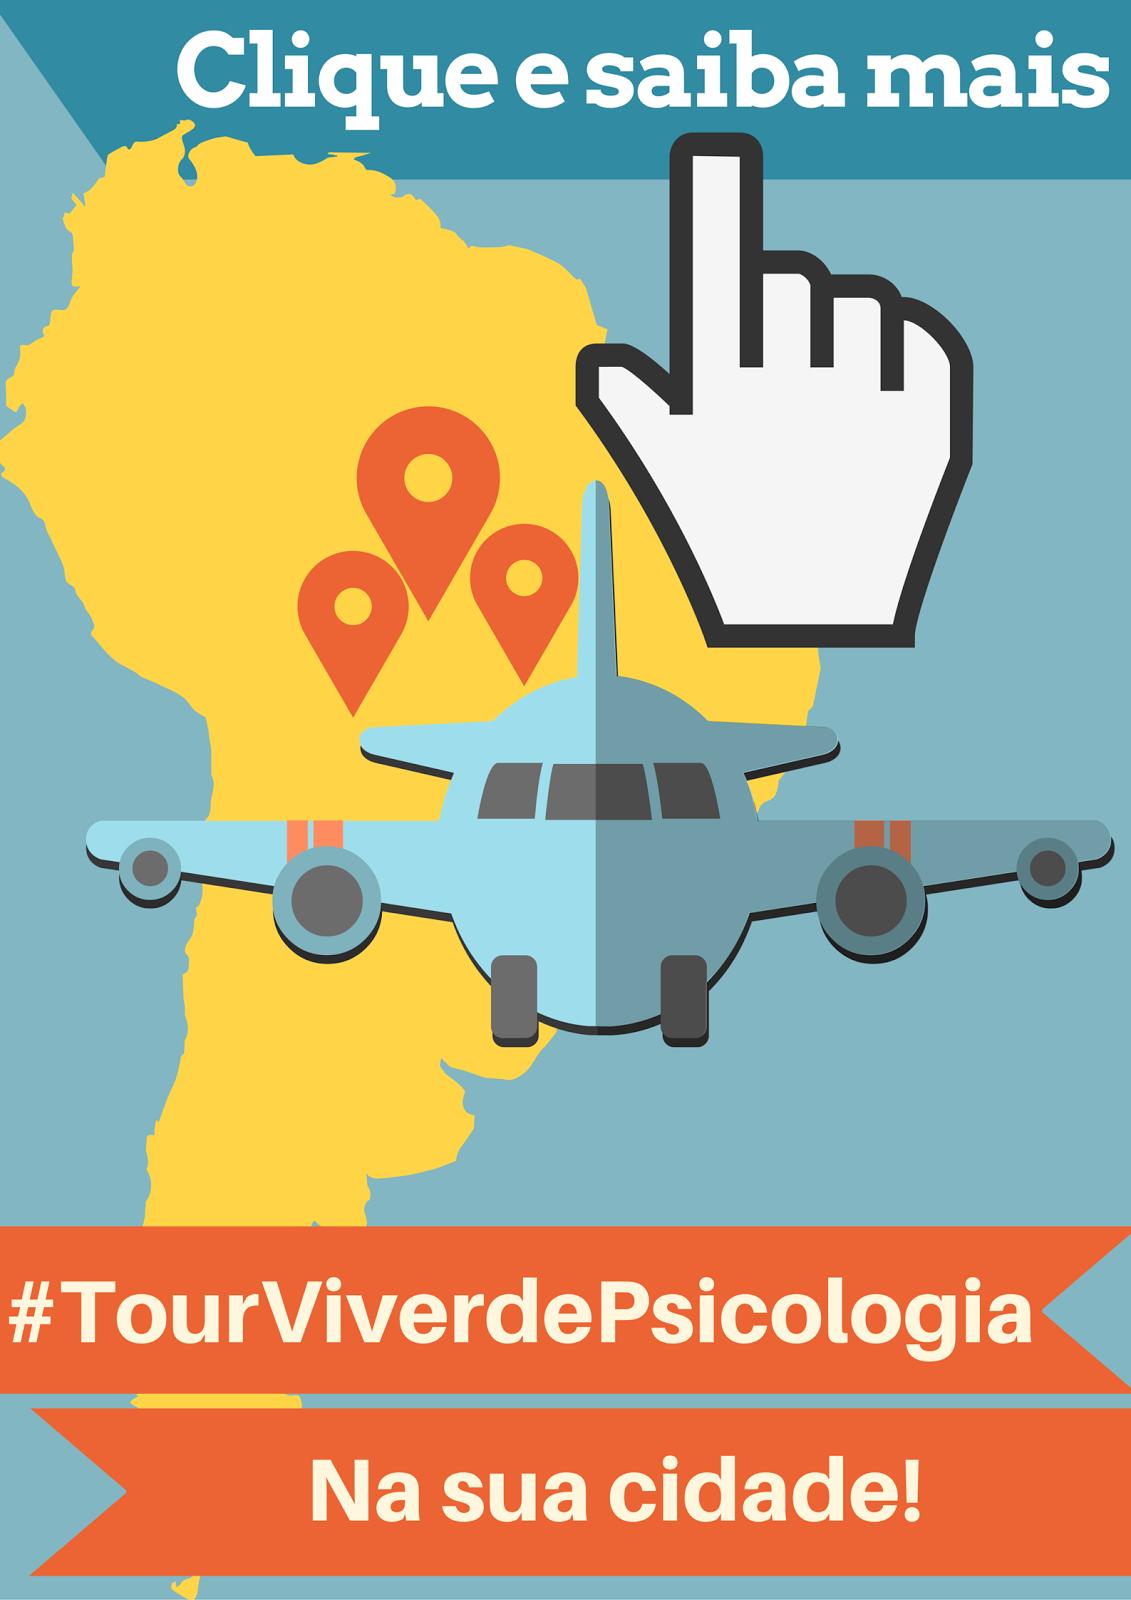 Leve o #TourViverdePsicoloiga para sua cidade!